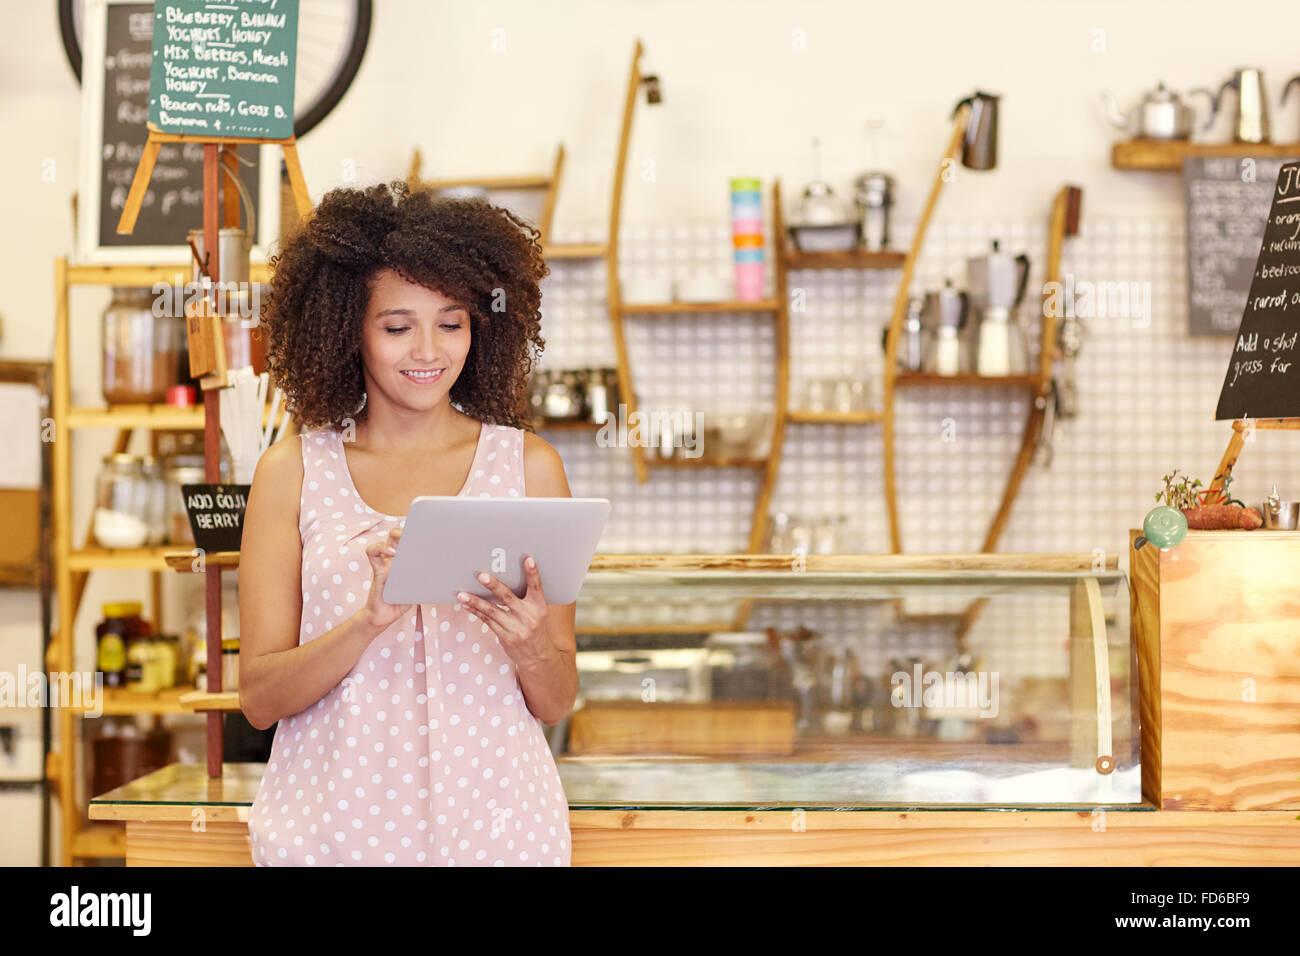 Inhaber eines kleinen Unternehmens mit einem Tablet in ihrem Café Stockbild